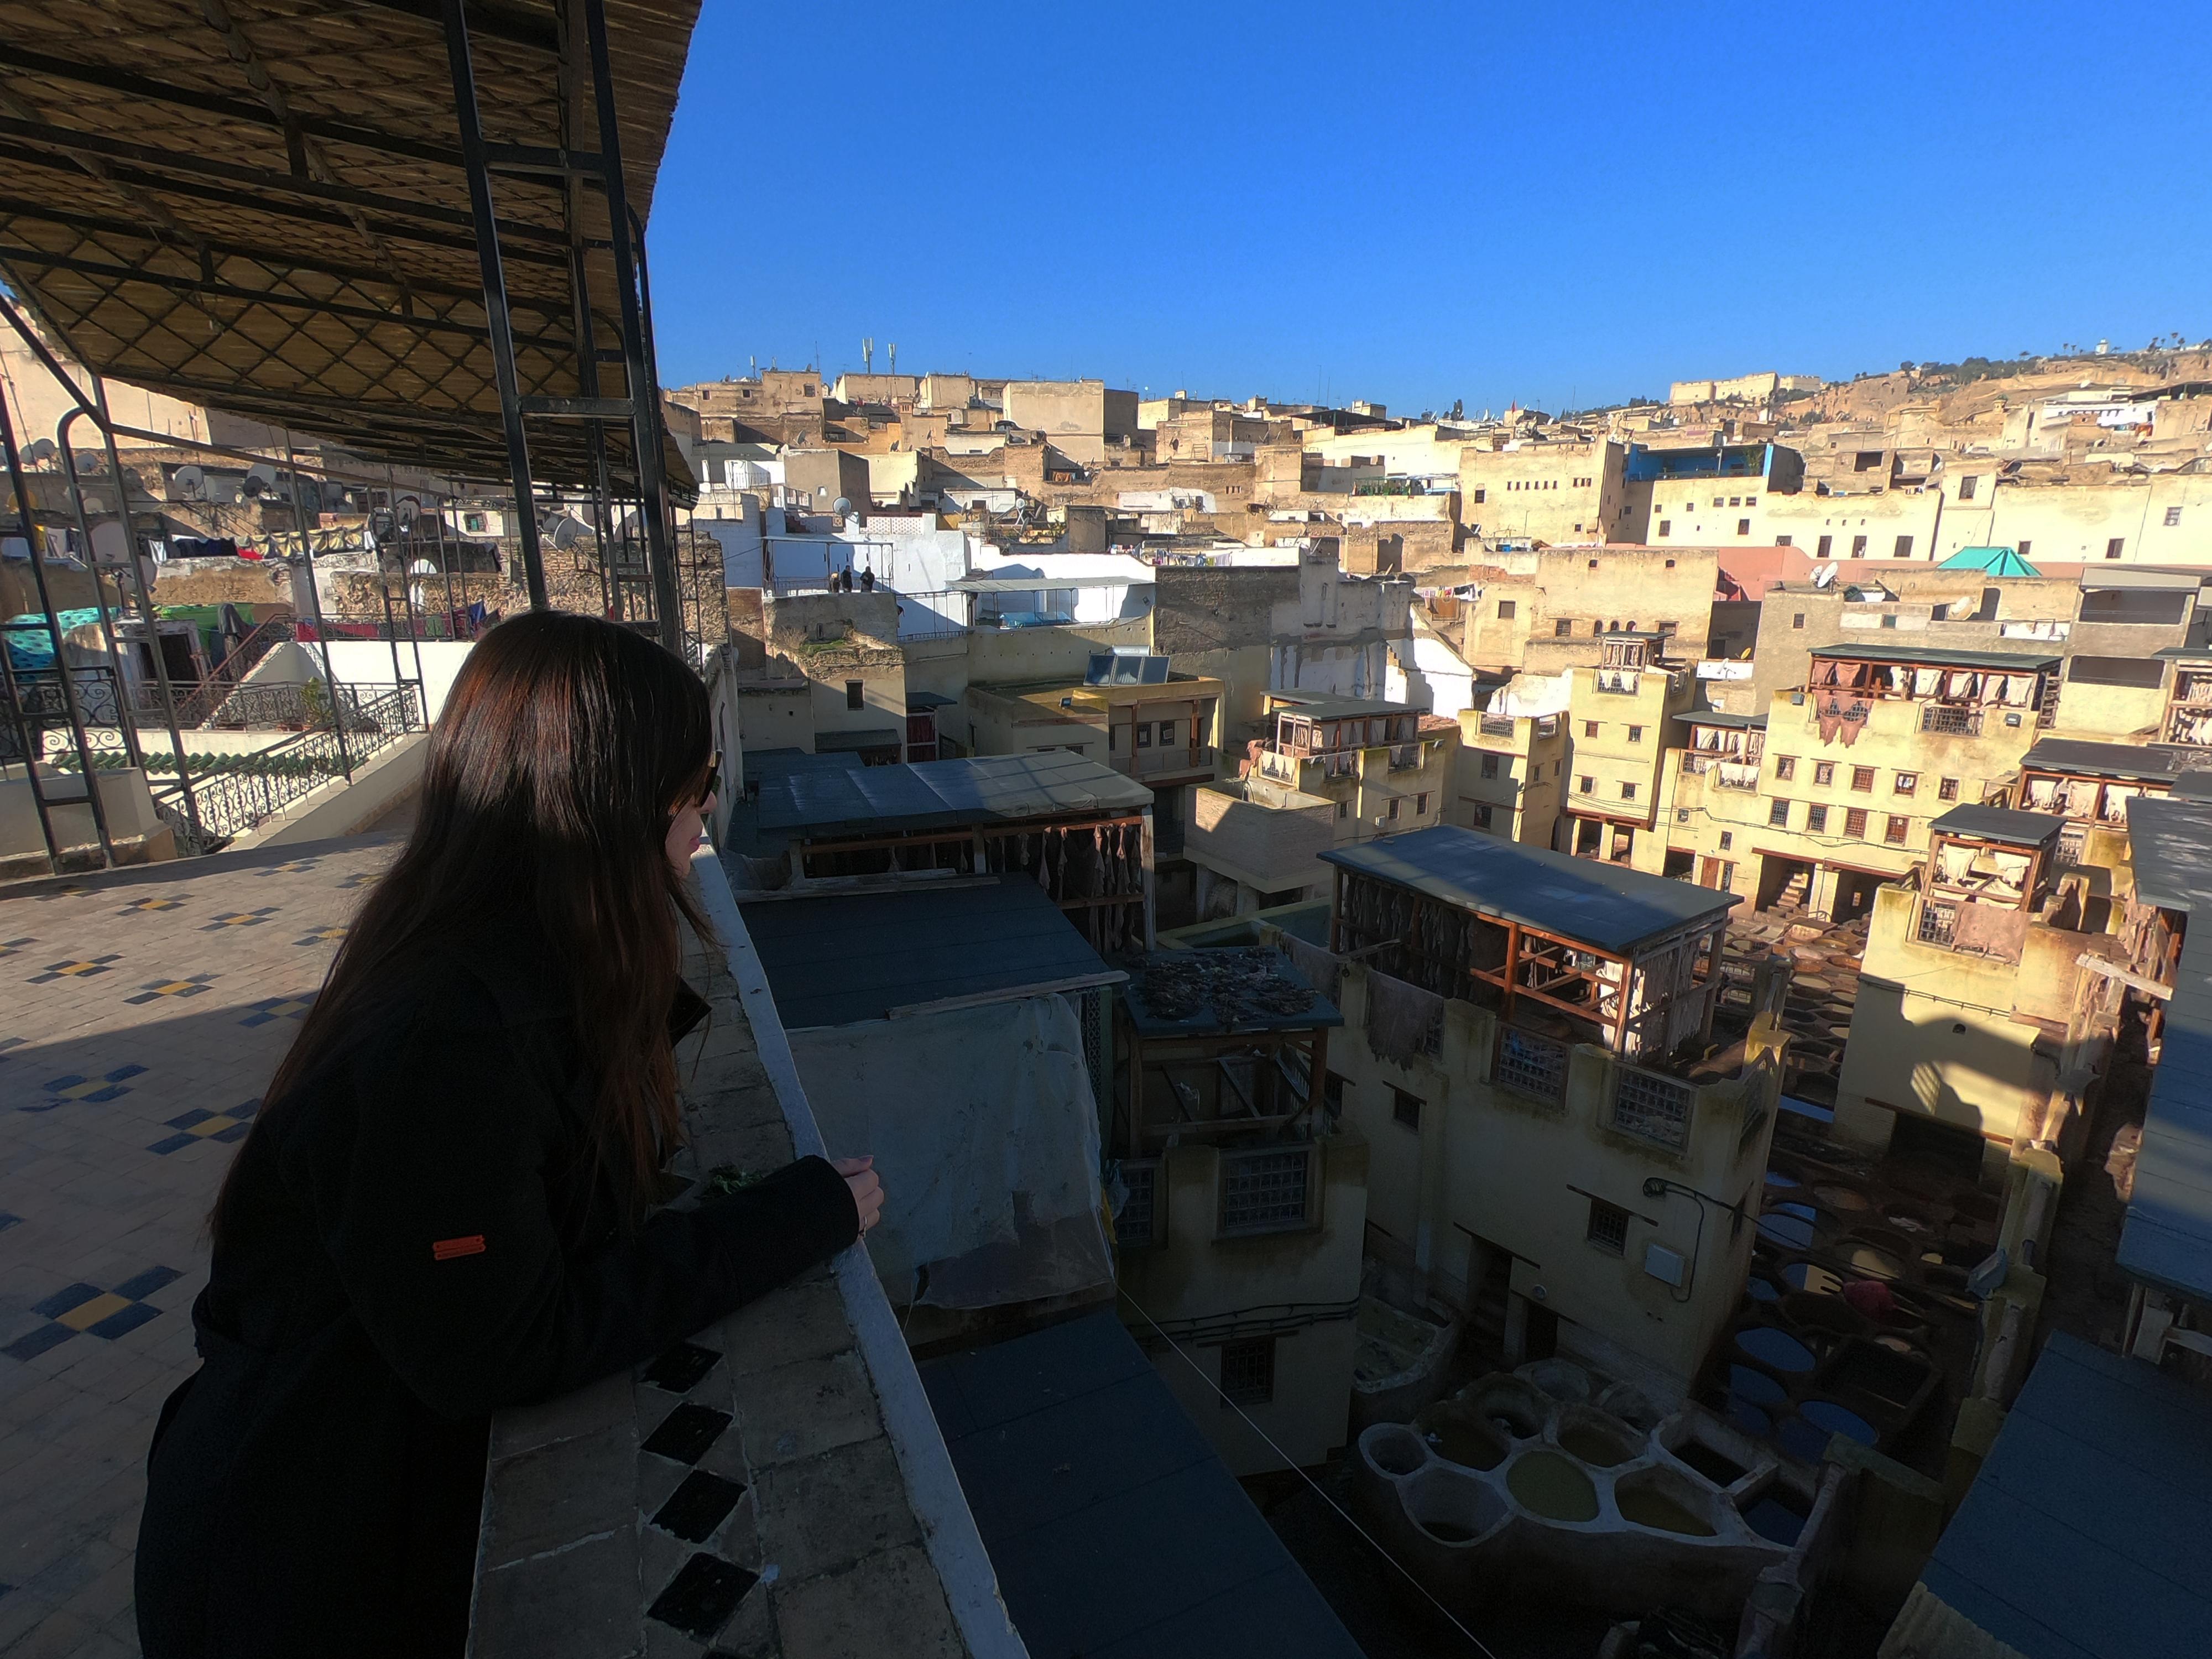 Marrocos: Conheça as cidades imperiais